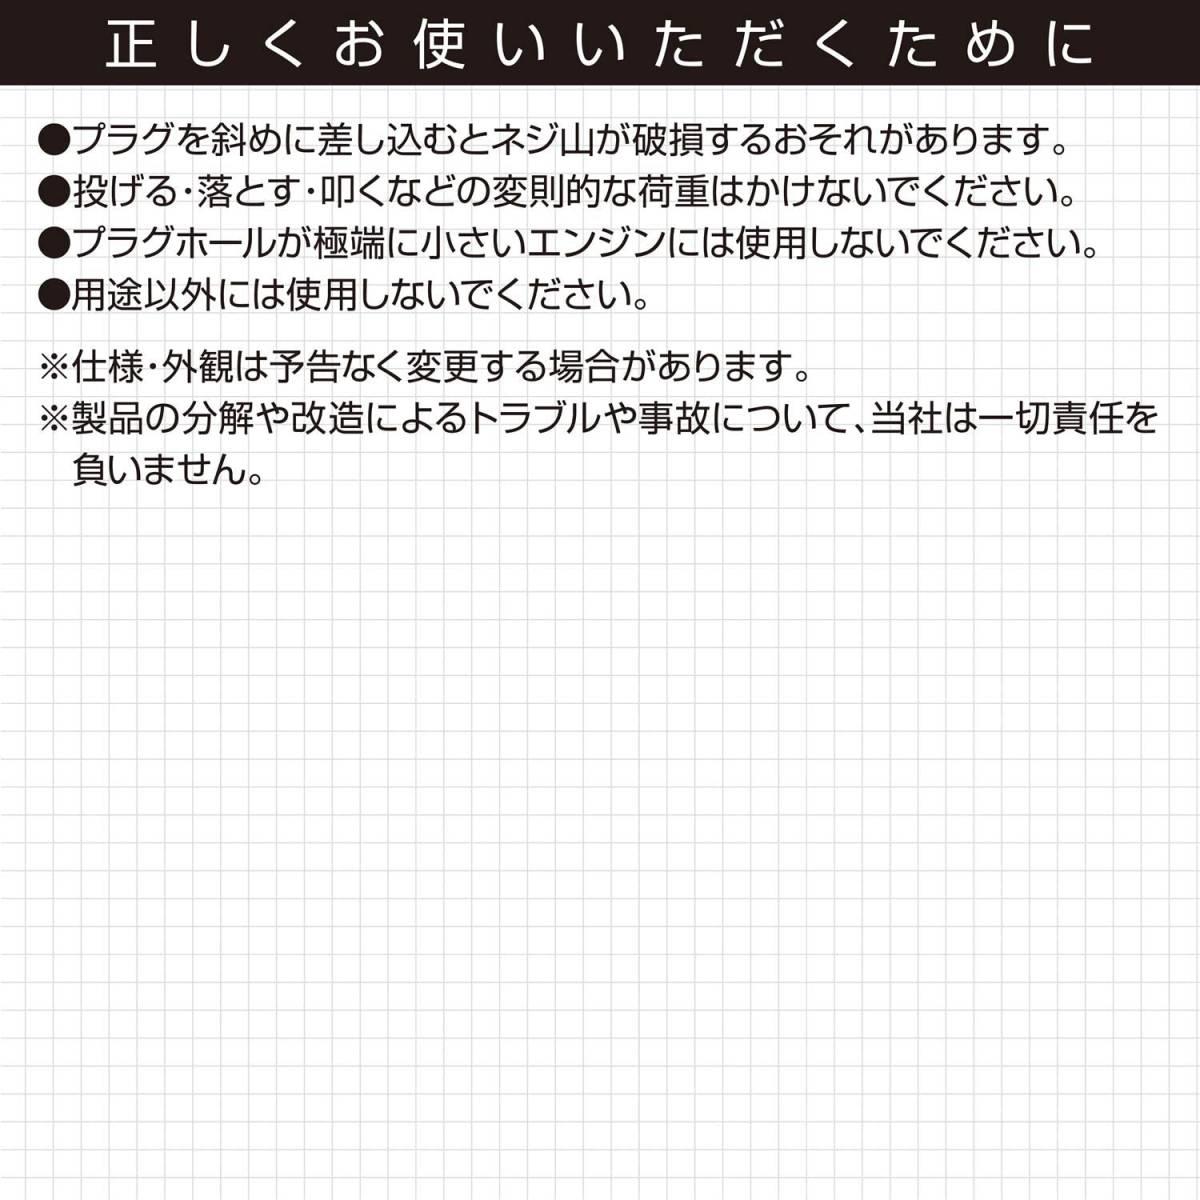 新品_【Amazon.co.jp 限定】エーモン プラグレンチ 16mm ユニバーサルタイプ (K35)_画像6